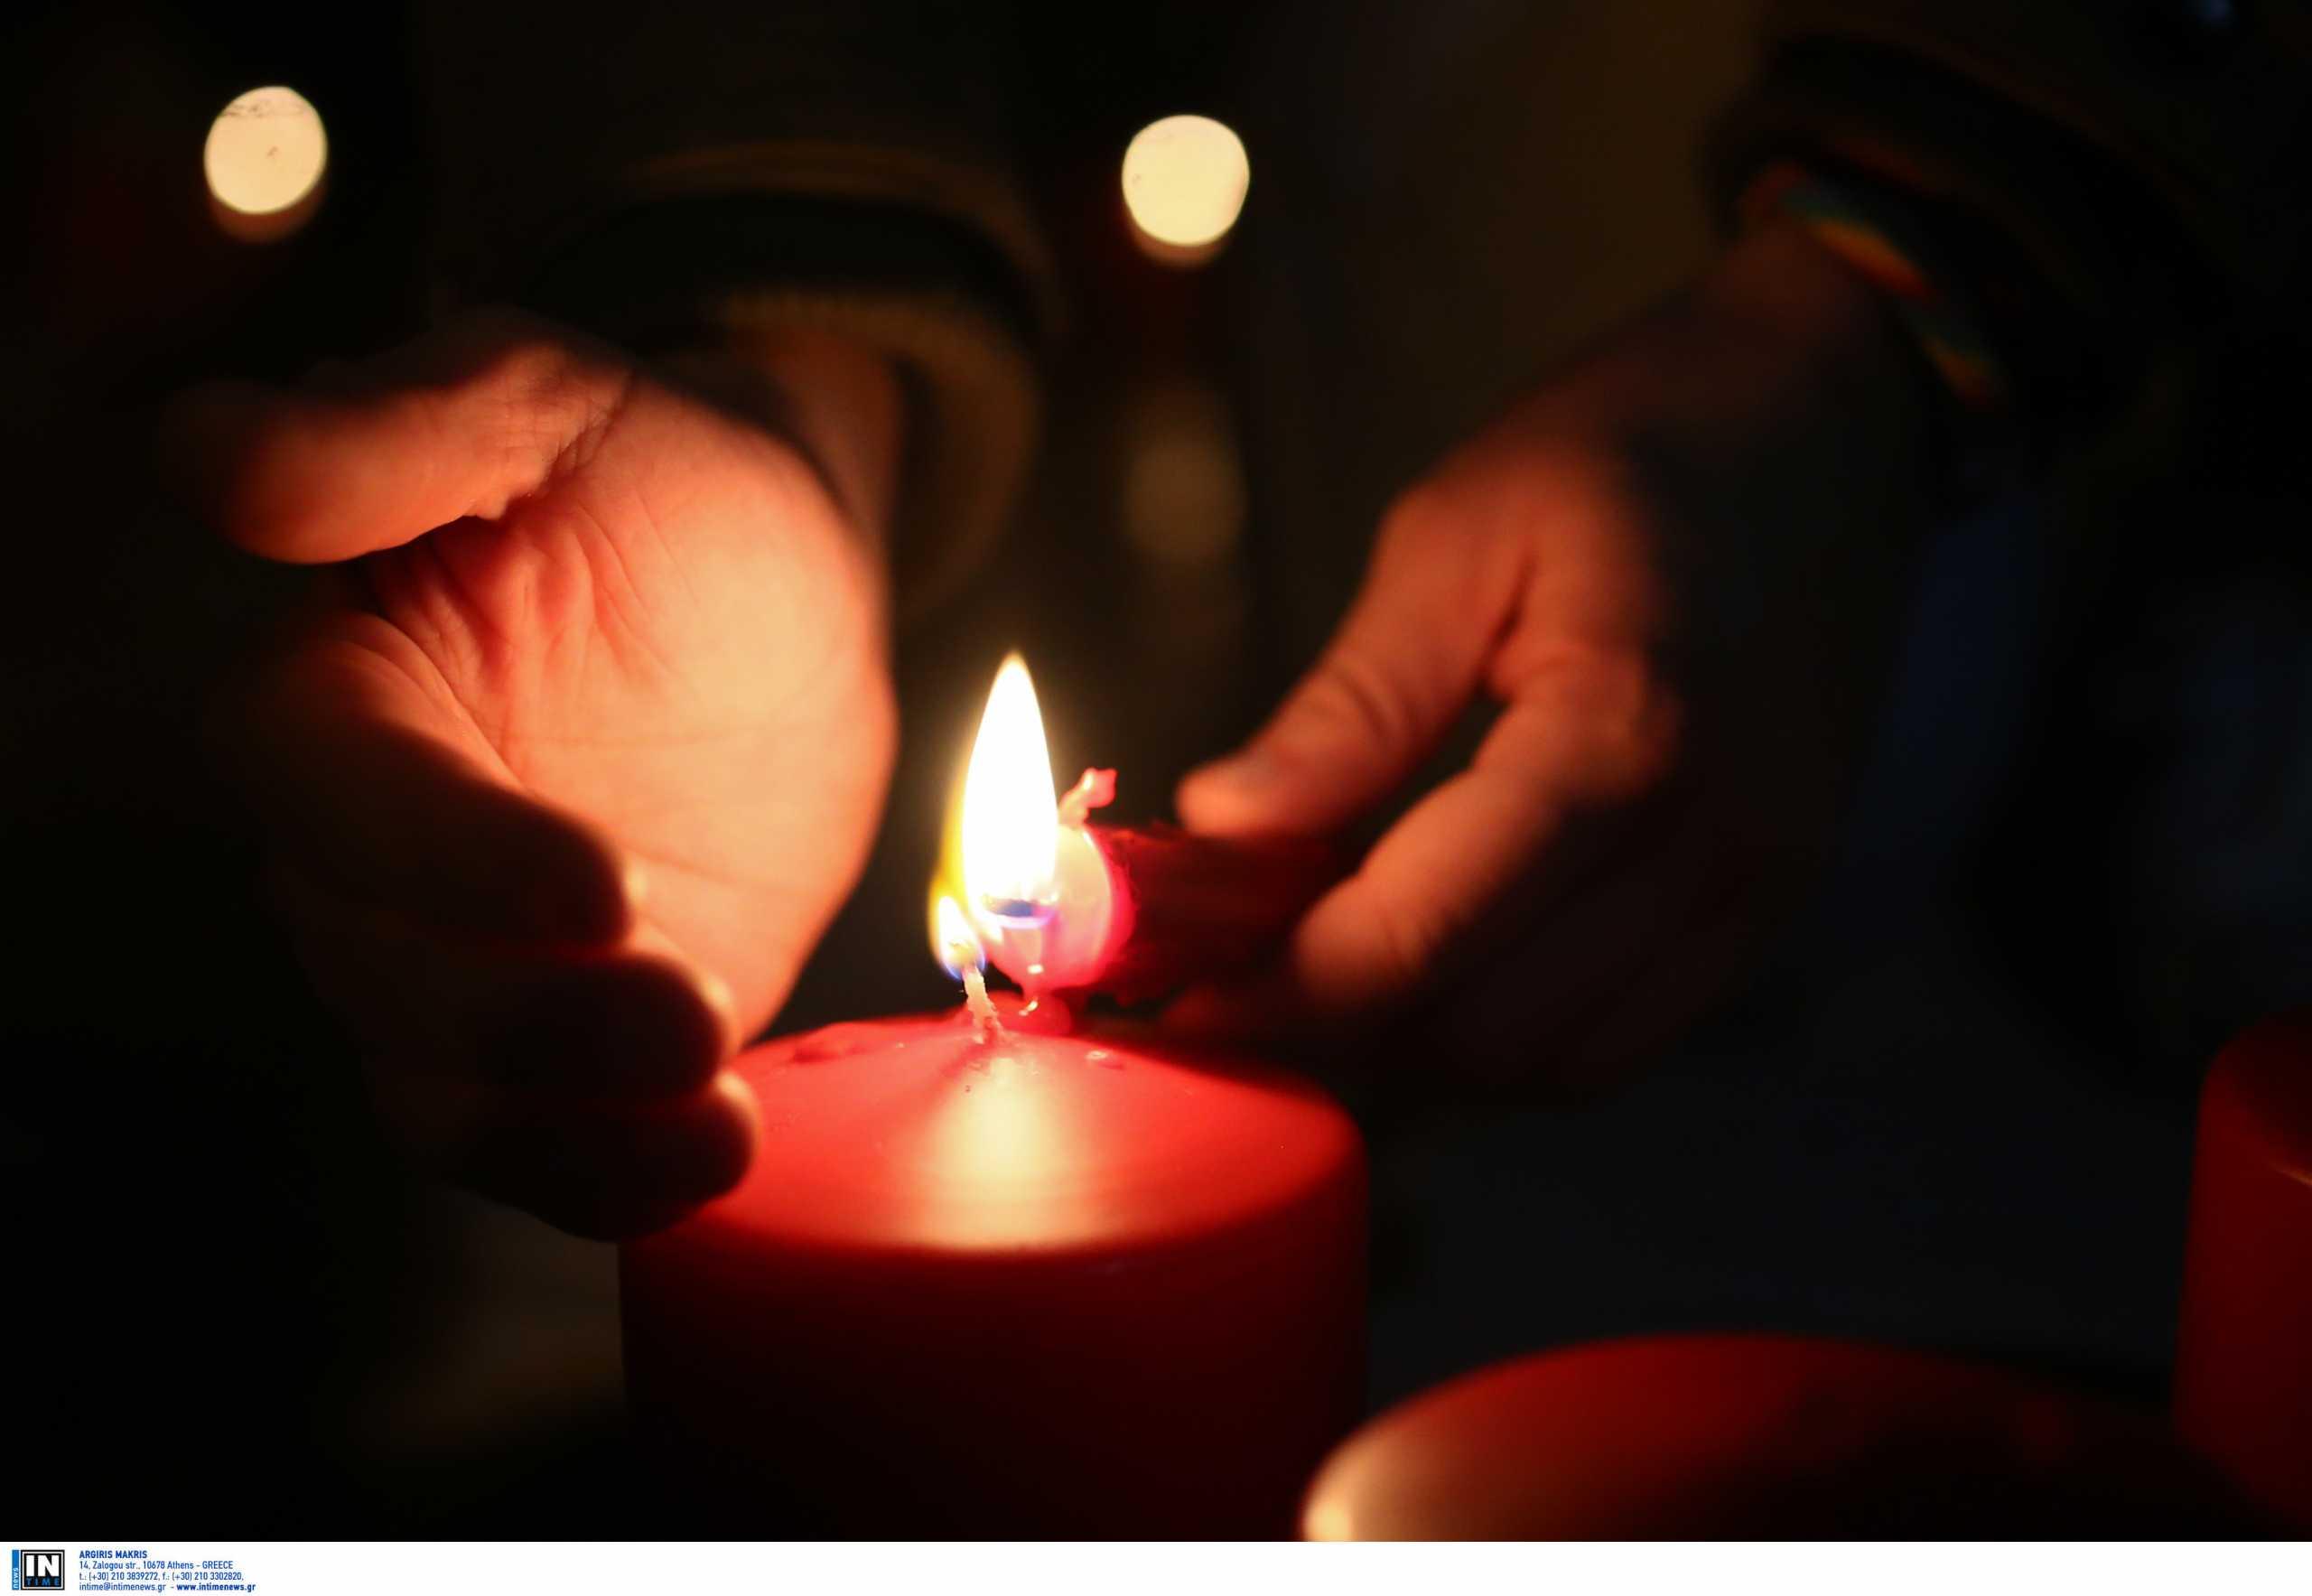 Πέθανε ο δημοσιογράφος Γιώργος Τζαβέλλας